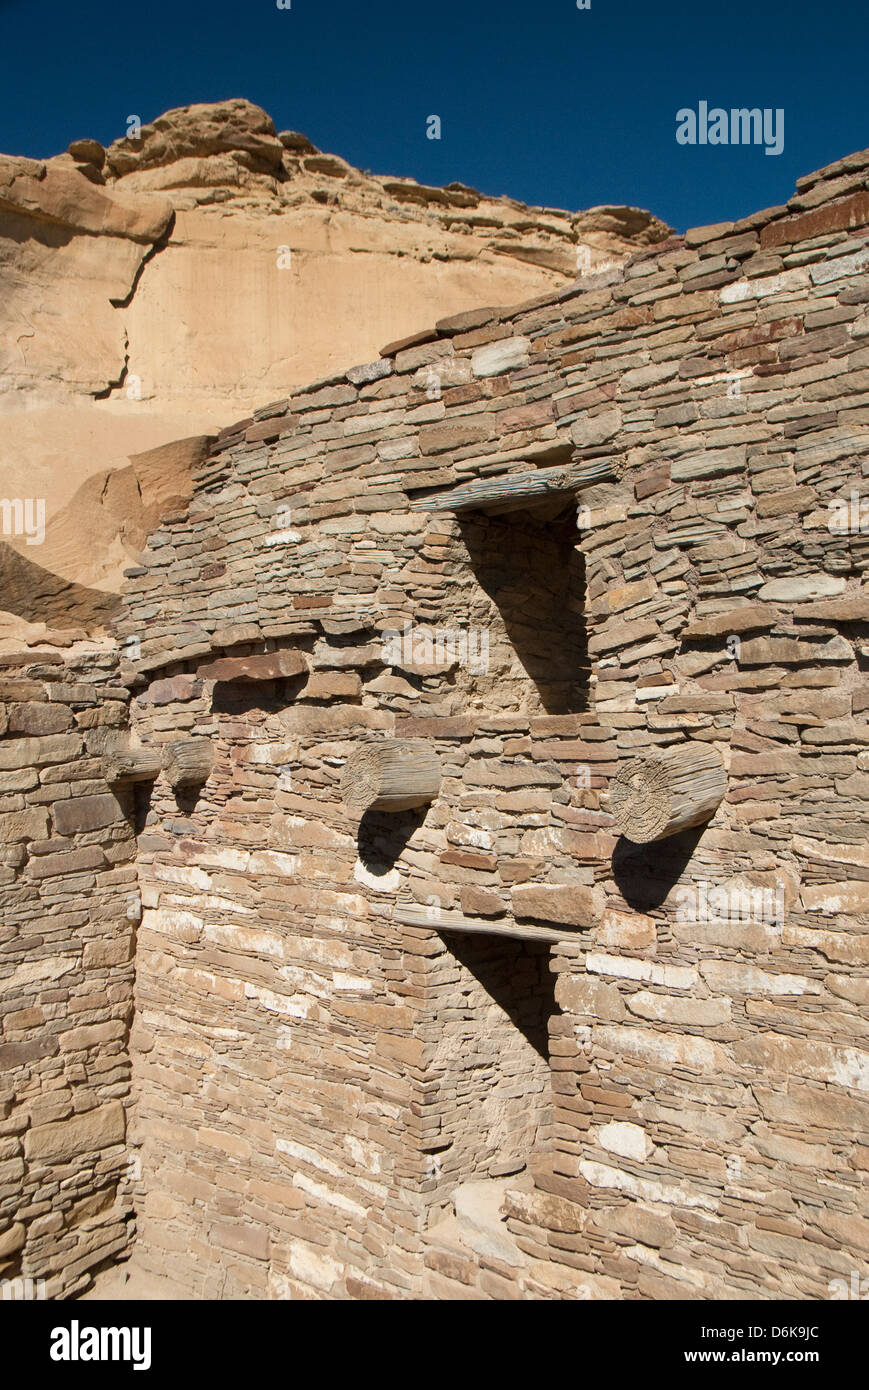 Cultura Chaco Parco storico nazionale, sito Patrimonio Mondiale dell'UNESCO, Nuovo Messico, Stati Uniti d'America, Immagini Stock